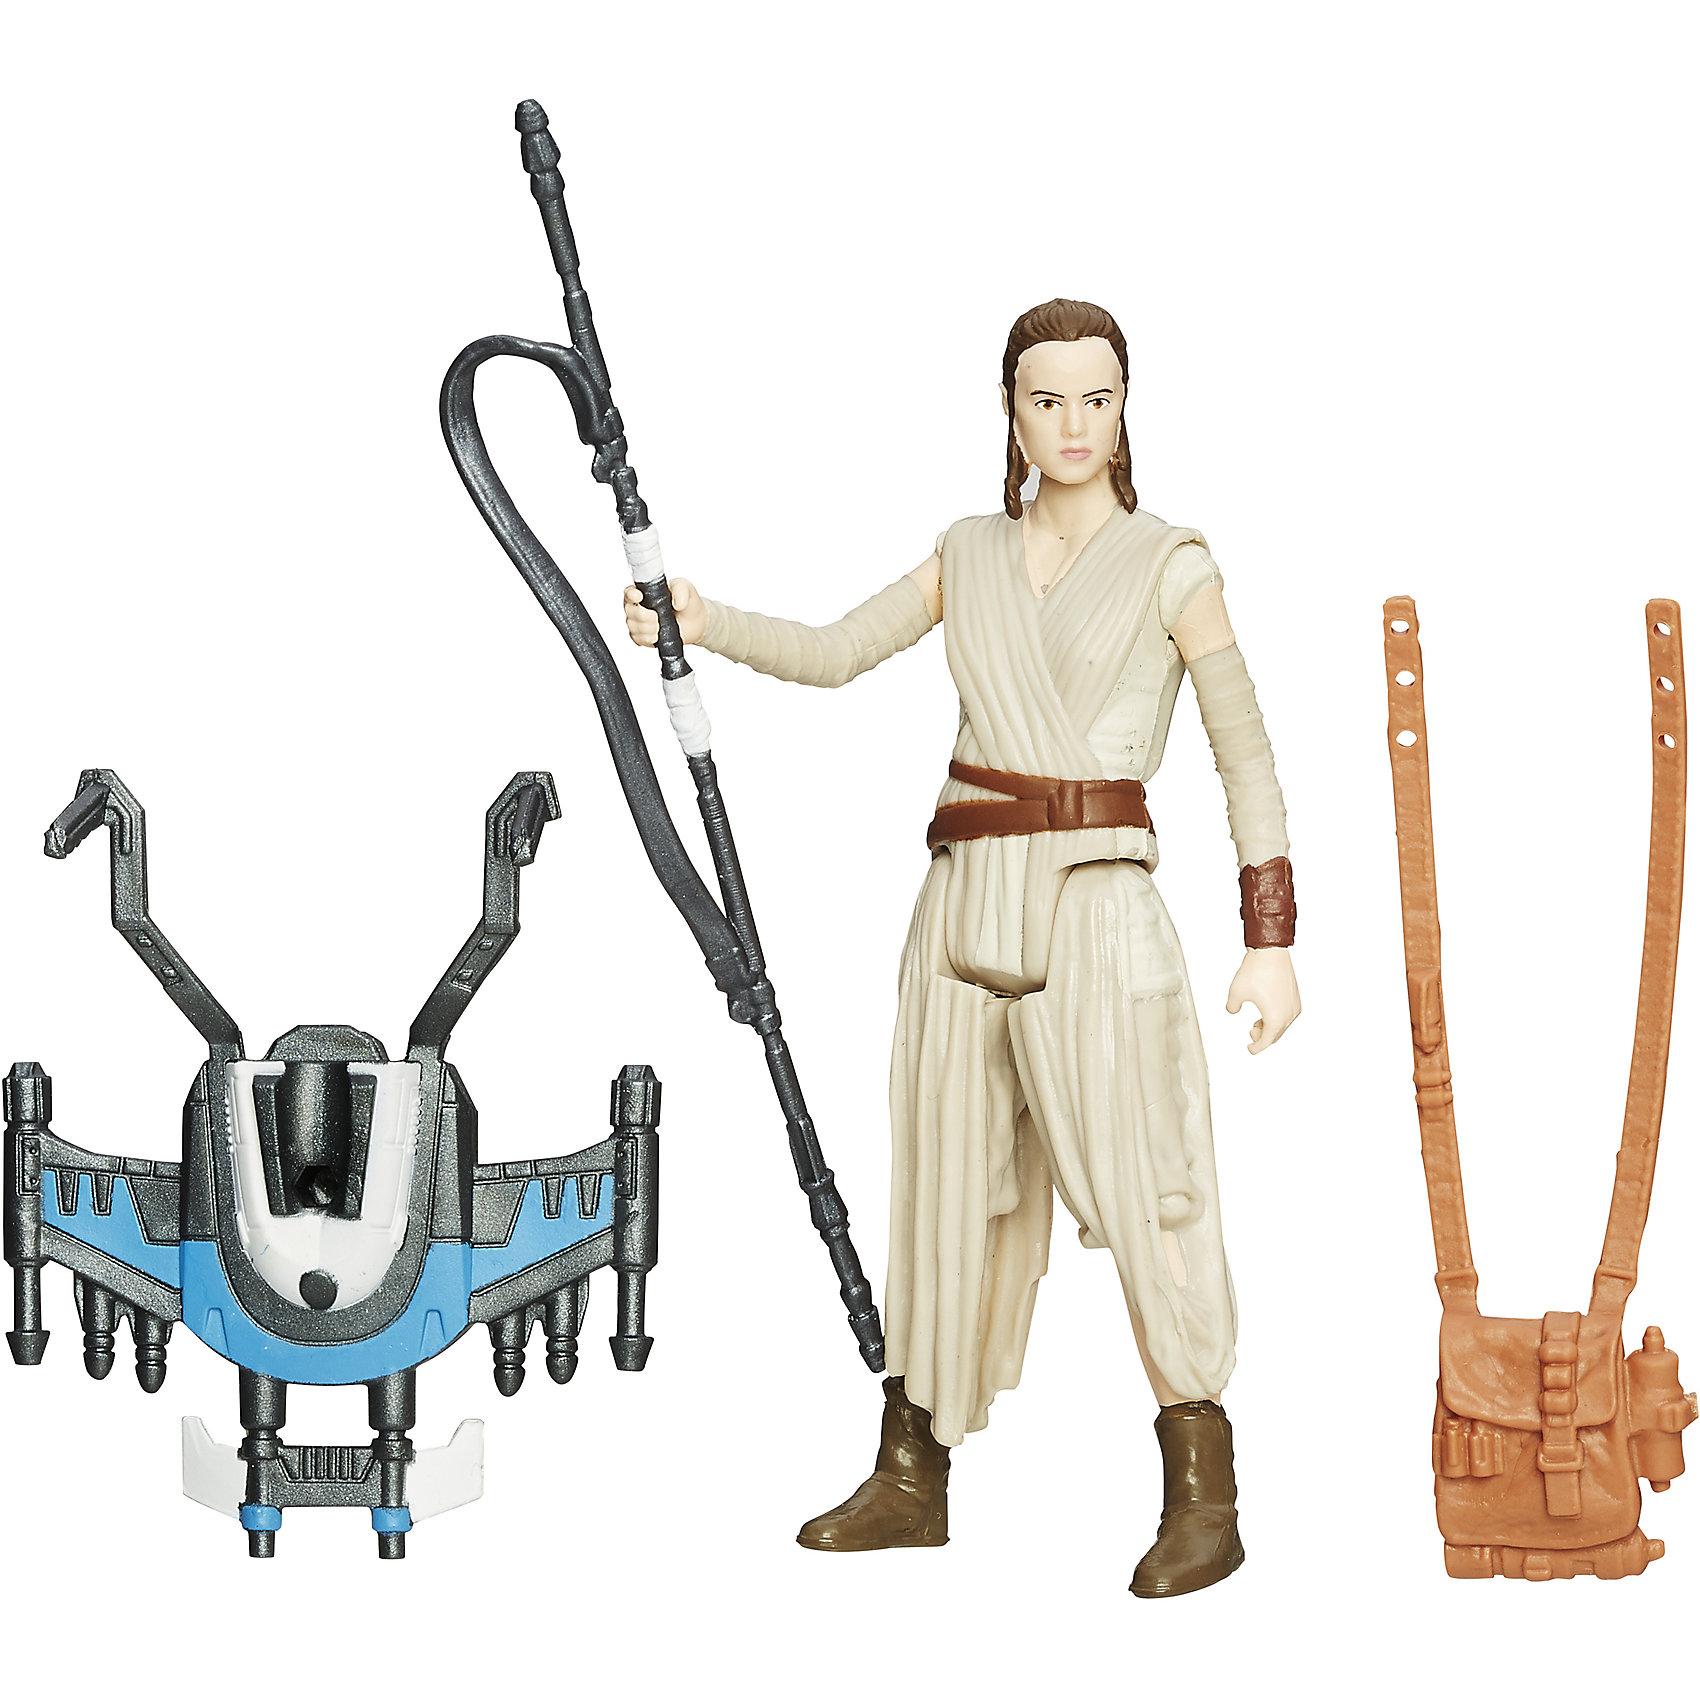 Фигурка вселенной (Пустыня/ Снег), Звездные Войны, РэйФигурка вселенной (Пустыня/ Снег), Звездные Войны, Рэй, Hasbro, станет приятным сюрпризом для Вашего ребенка, особенно если он является поклонником популярной фантастической киносаги Star Wars. <br><br>В каждый набор входит фигурка участника Снежной миссии или Миссии в пустыне из галактики Звездные Войны. Игрушка выполнена с высокой степенью детализации и реалистичности. Теперь можно разыгрывать по-настоящему масштабные сражения с любимыми персонажами! У фигурки подвижные части тела, что позволяет придать ей различные позы. К каждому их трёх персонажей одной миссии прилагается оригинальное оружие и составная часть сборного оружия. Собрав и соединив все три детали между собой, можно получить уникальный бластер. Для всех поклонников Звездных войн фигурки составят замечательную коллекцию и дополнят игры новыми персонажами.  <br><br>Дополнительная информация: <br><br>- В комплекте: 1 фигурка, 1 оружие.<br>- Материал: пластик.<br>- Высота фигурки: 9,5 см.<br>- Размер упаковки: 21 х 3 х 14 см.<br>- Вес: 50 гр.   <br><br>Фигурку вселенной (Пустыня/ Снег), Звездные Войны, Рэй, Hasbro, можно купить в нашем интернет-магазине.<br><br>Ширина мм: 210<br>Глубина мм: 140<br>Высота мм: 37<br>Вес г: 63<br>Возраст от месяцев: 48<br>Возраст до месяцев: 96<br>Пол: Мужской<br>Возраст: Детский<br>SKU: 4803346